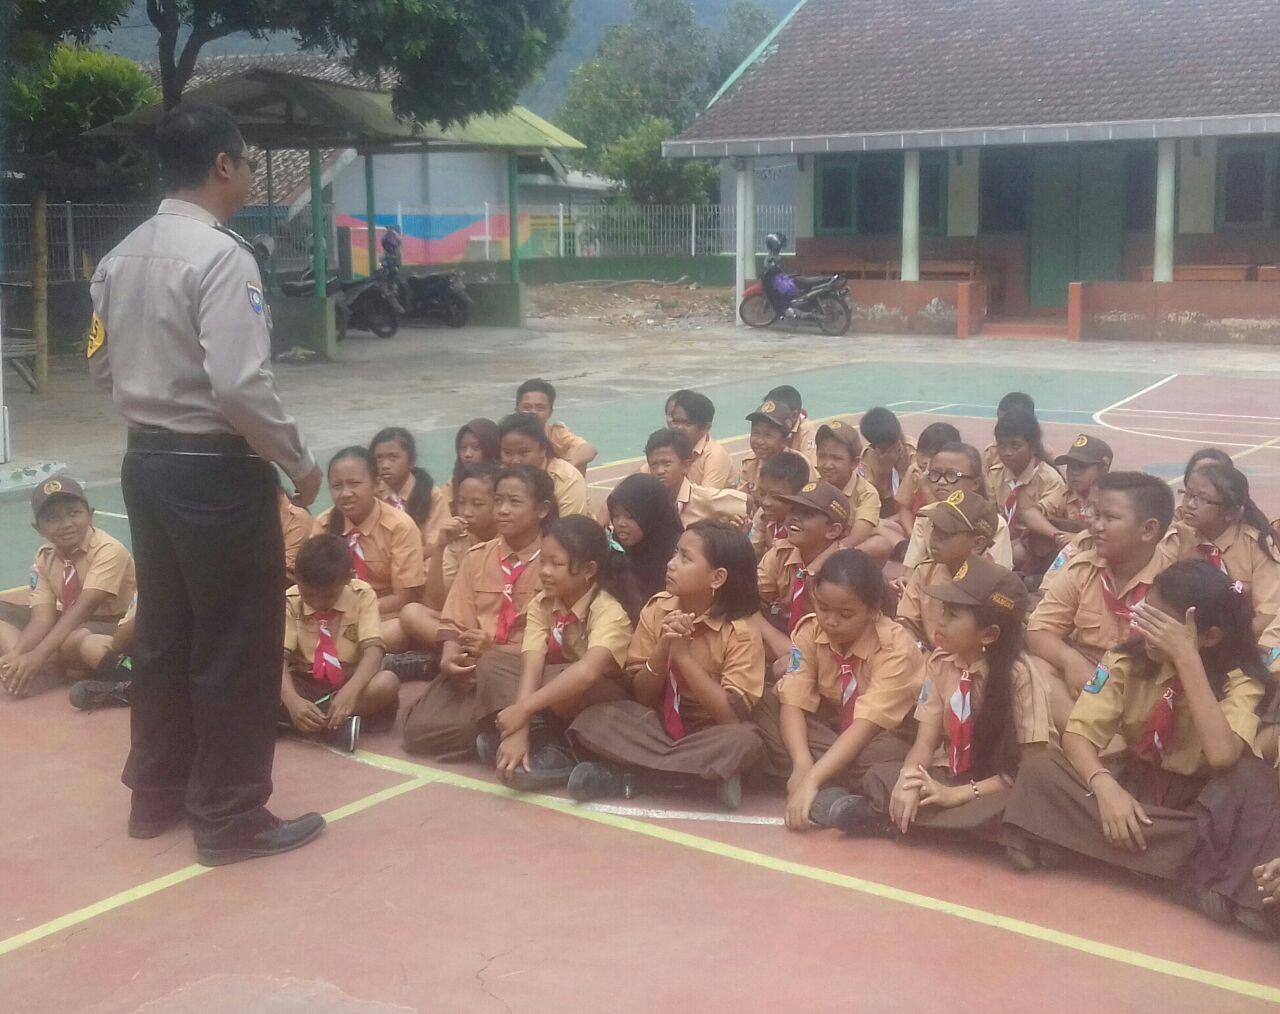 Polres Batu Berikan Sosialisasi Ke Siswa SD Negeri Songgokerto 02 Guna Antisipasi Tindak Penganiyaan Anak